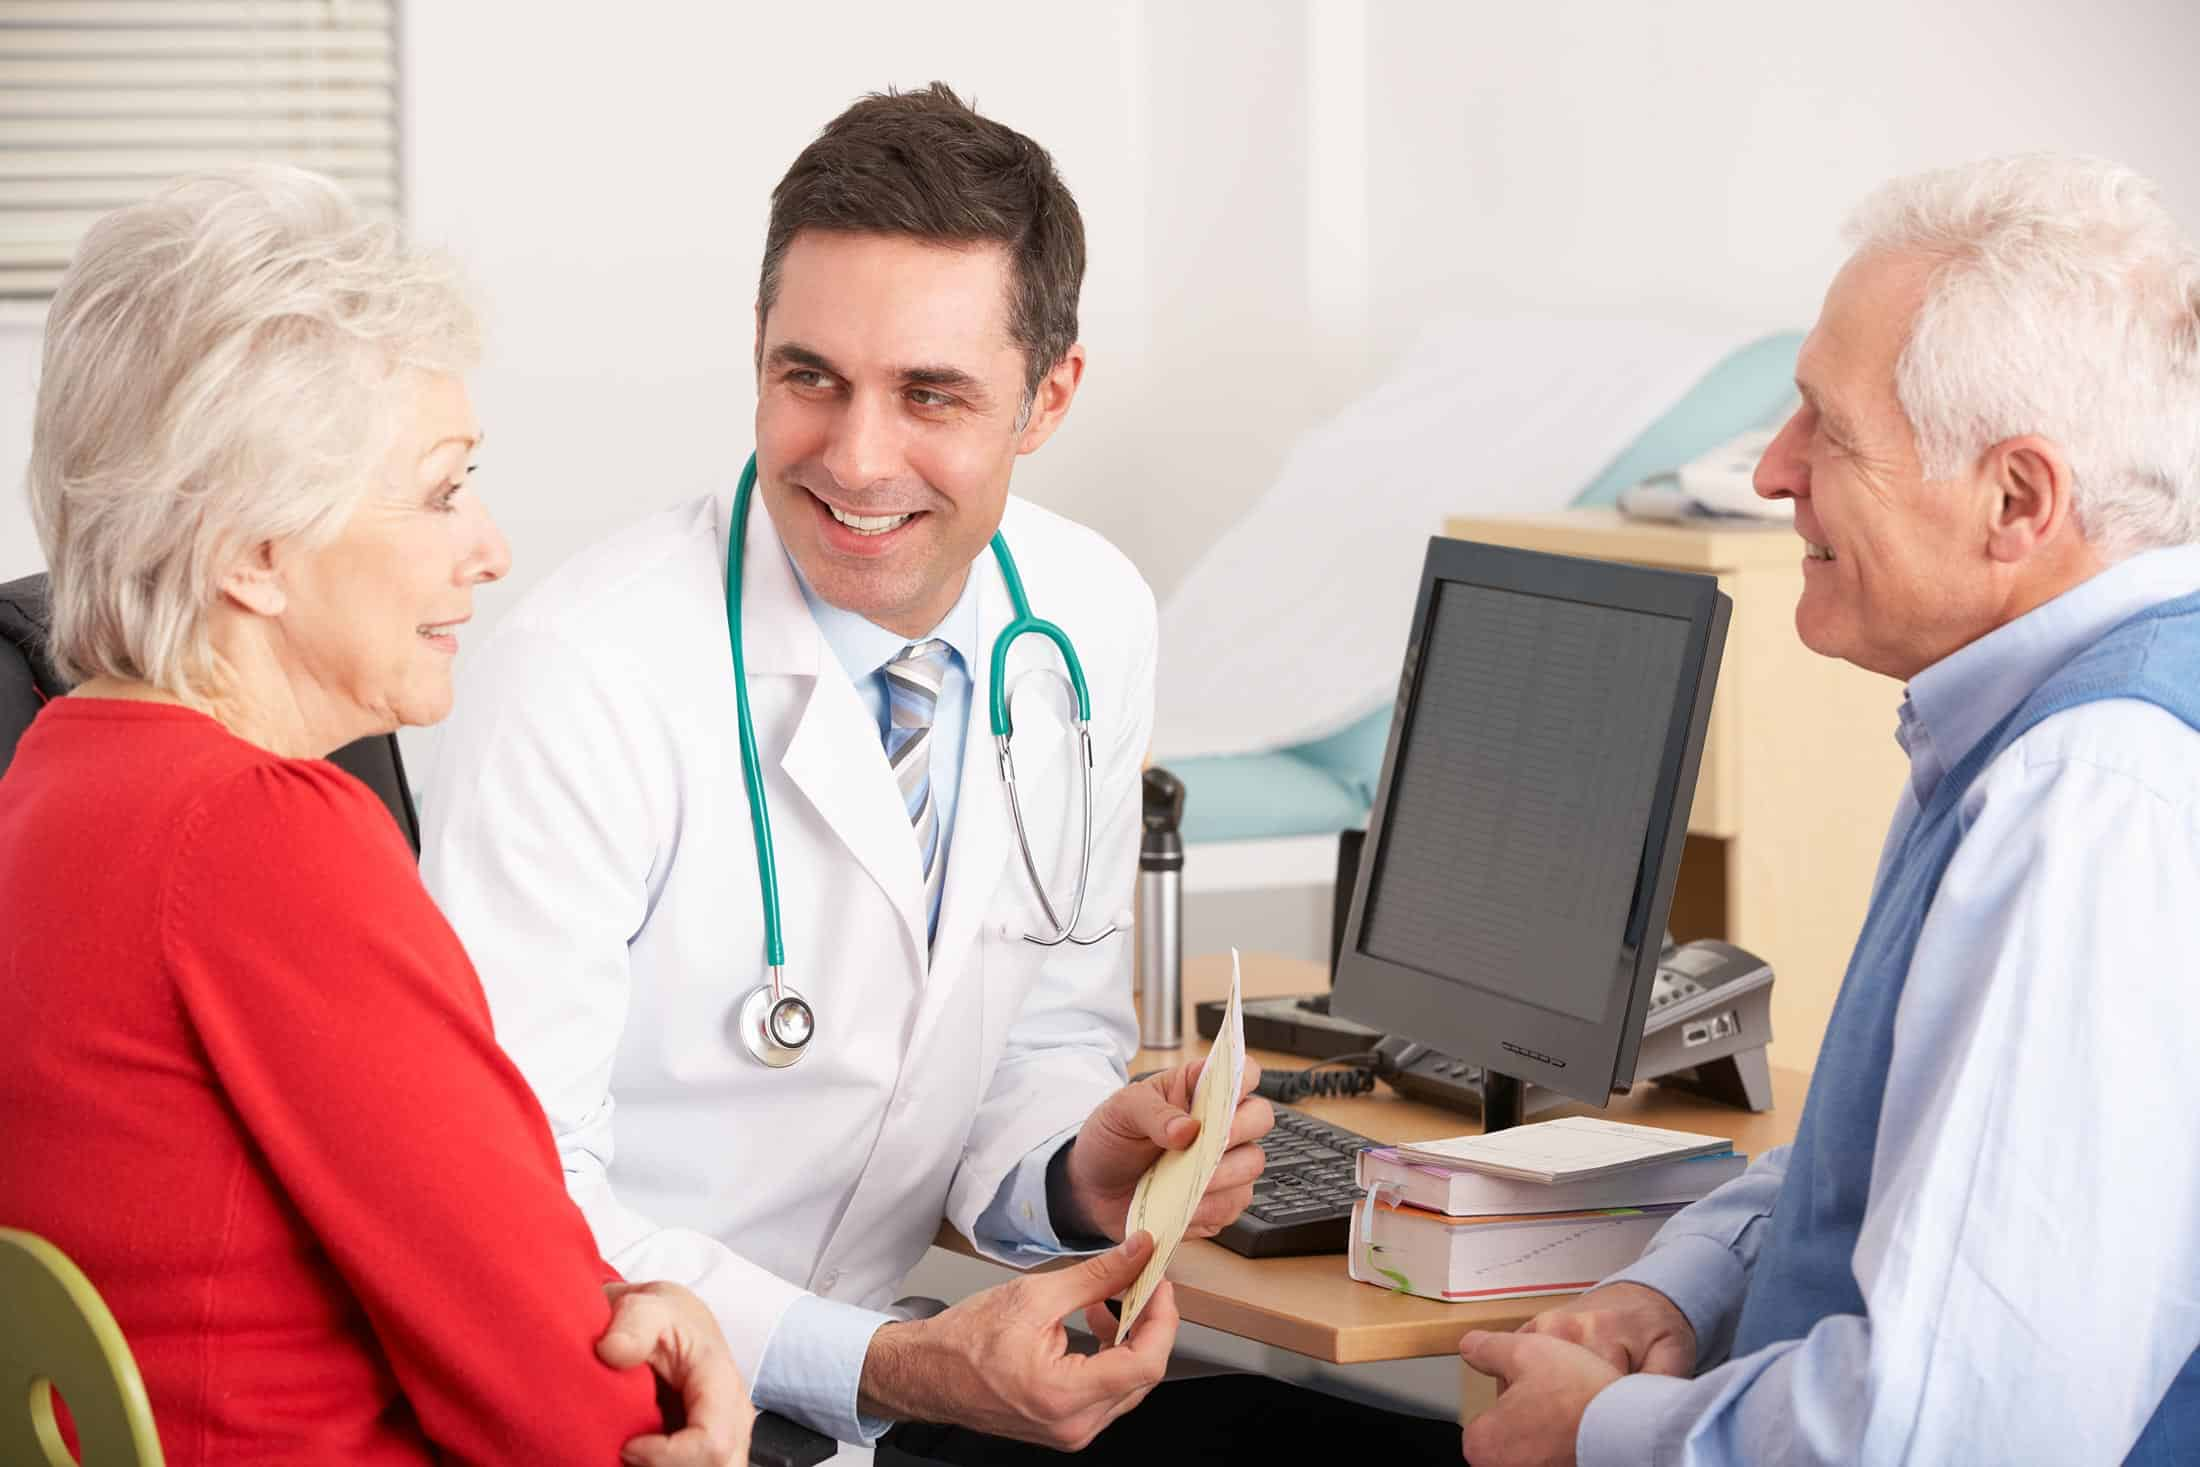 Senior doctor visit - older couple